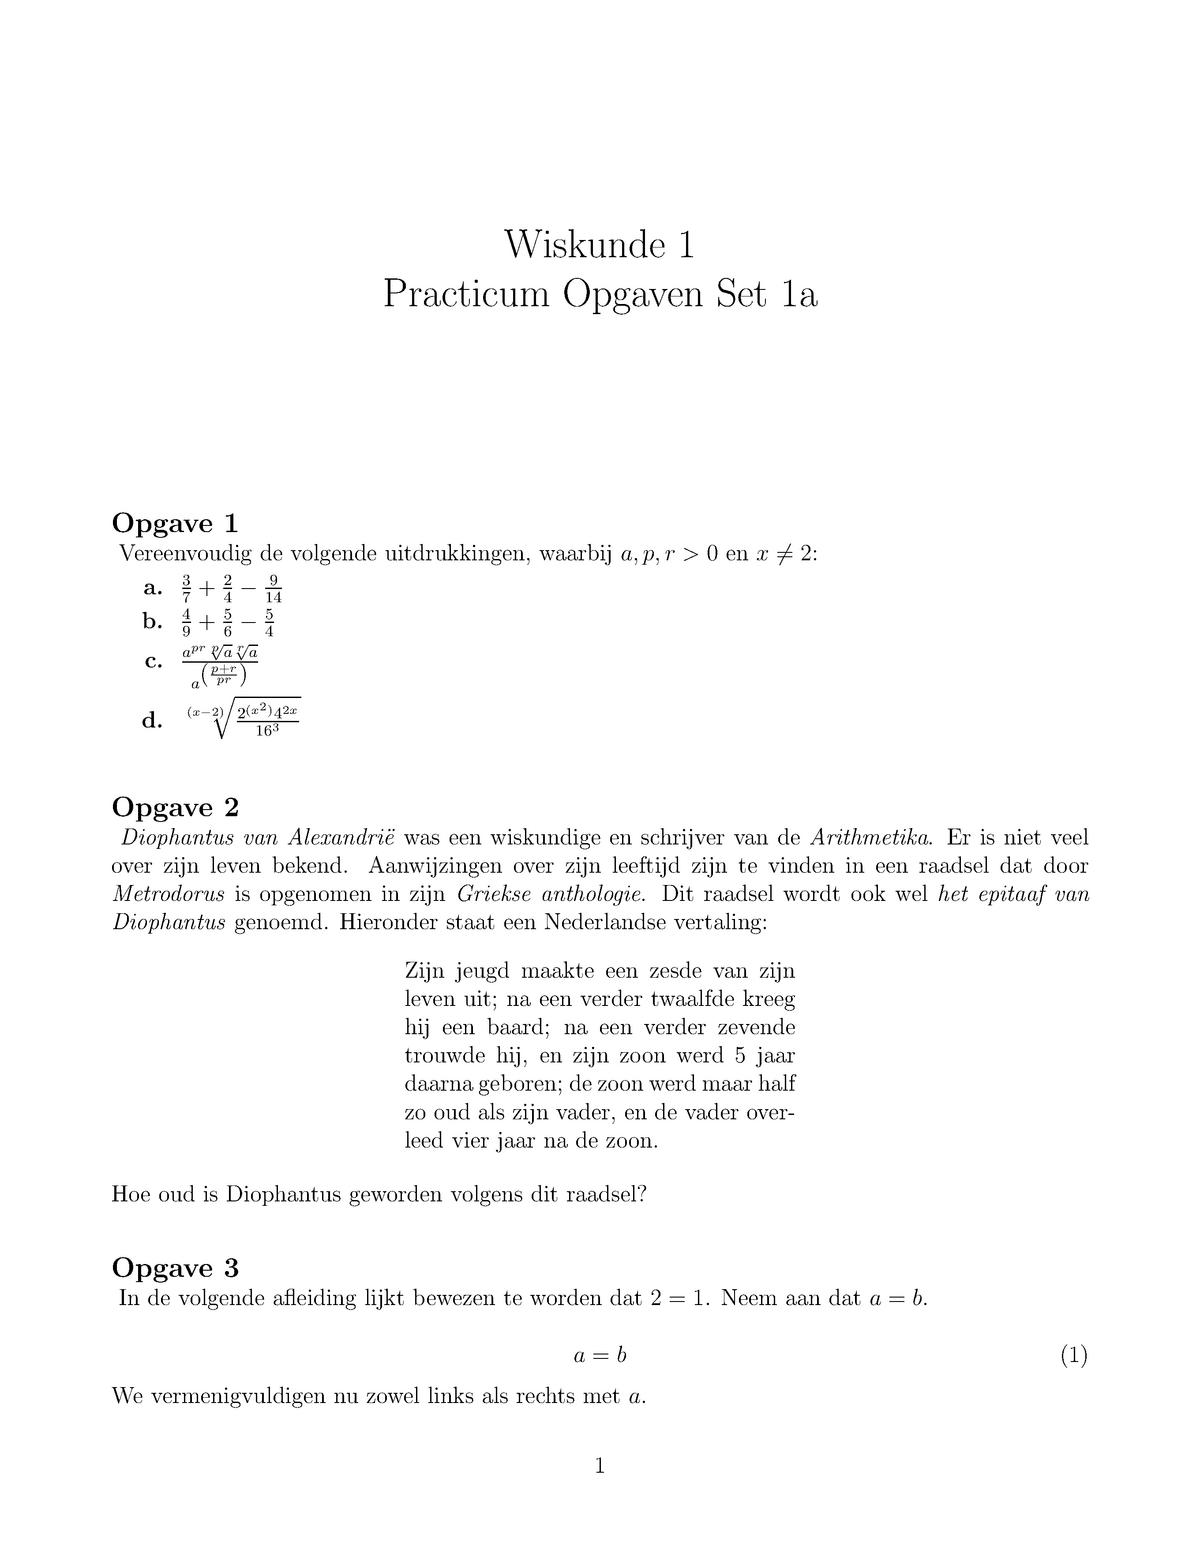 Wiskunde Practicum Opgaven Set 1a Feb11003 Eur Studocu